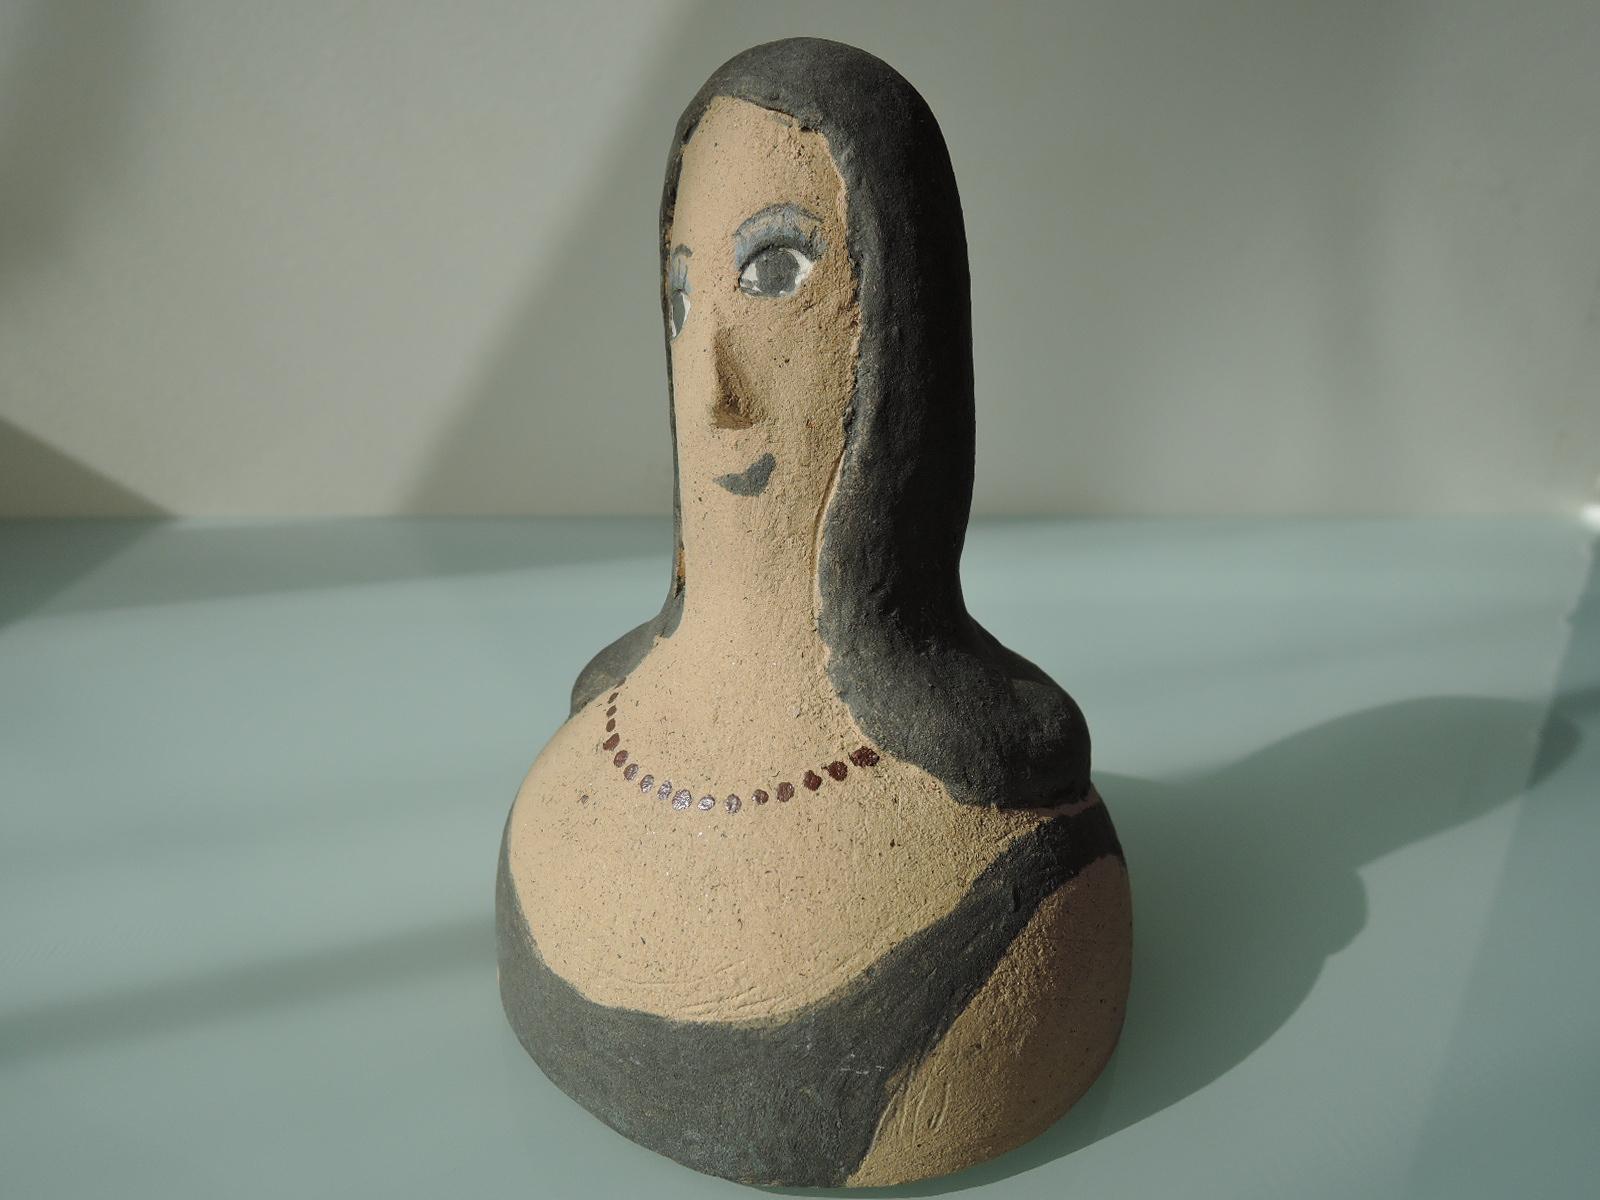 花塚哲男さんの陶人形 パリジェンヌ